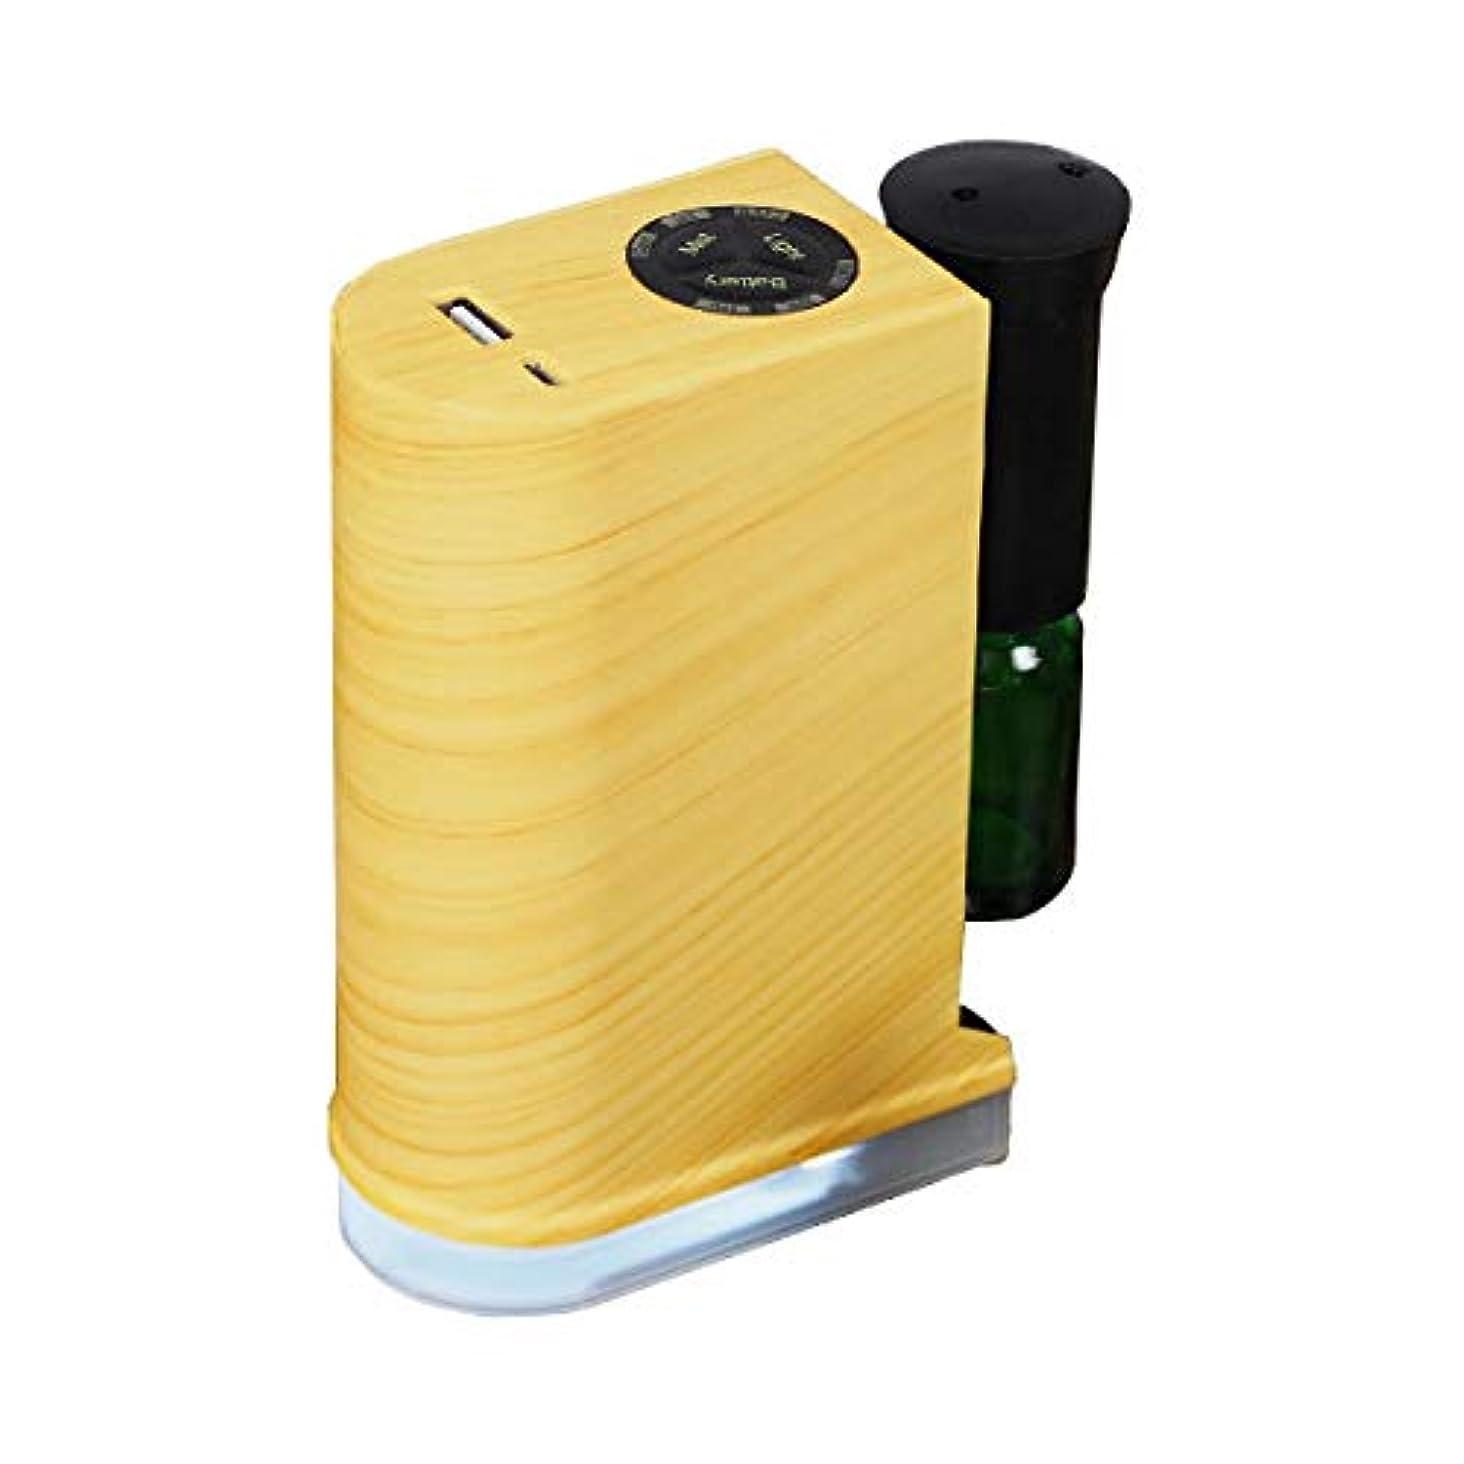 ミニチュアメロドラマティックミスアロマデュフューザー 水を使わない ネブライザー式アロマディフューザー LED搭載 アロマオイル 精油 アロマ芳香 (ナチュラル)